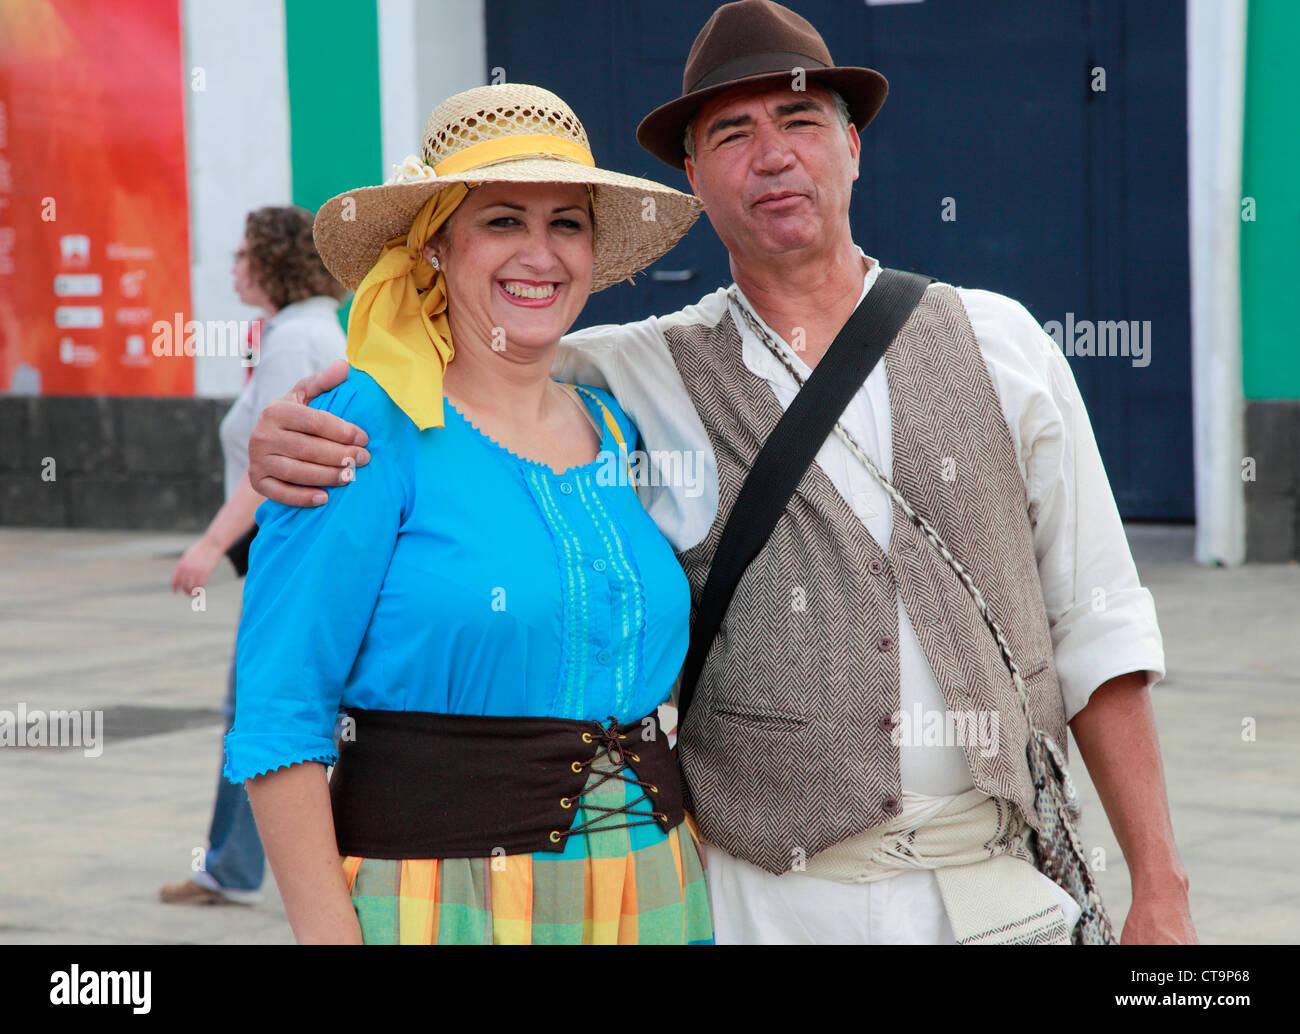 Spain, Canary Islands, Gran Canaria, Las Palmas, Dia de las Canarias, festival, people, traditional dress, - Stock Image